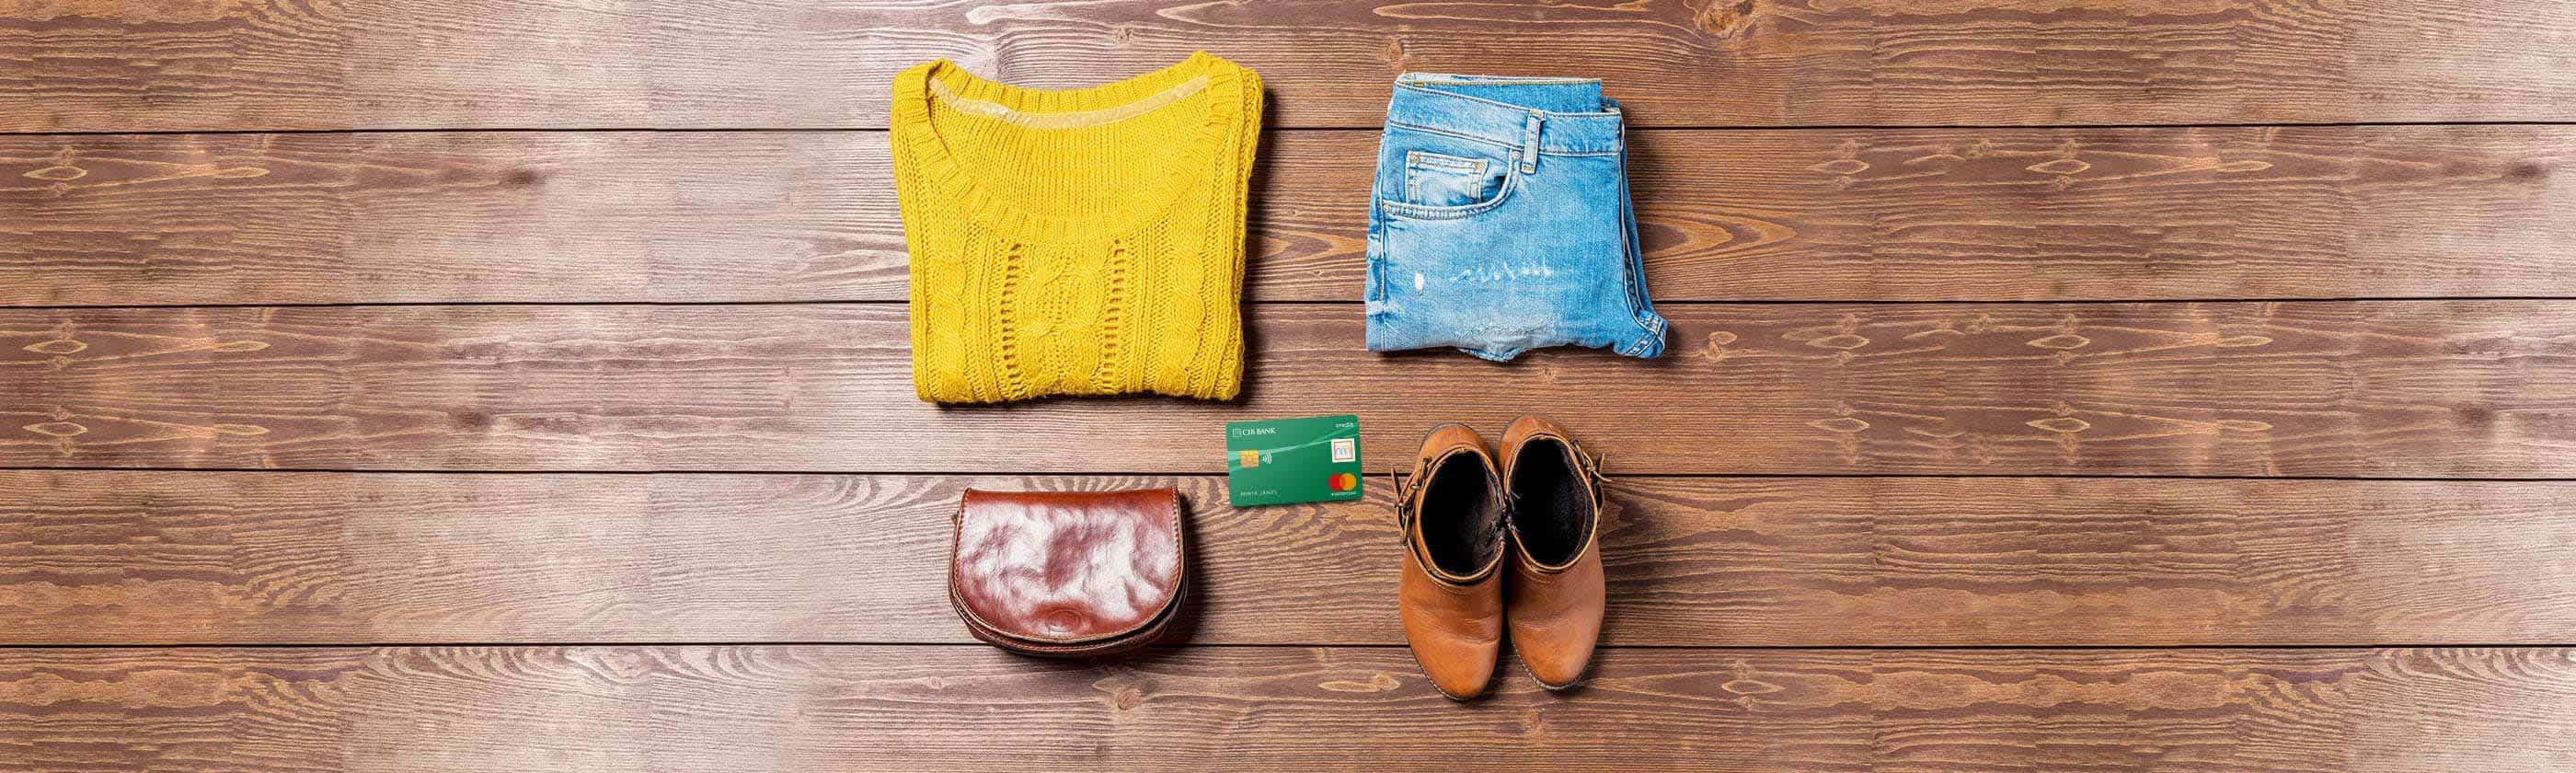 CIB Optimum Credit Card